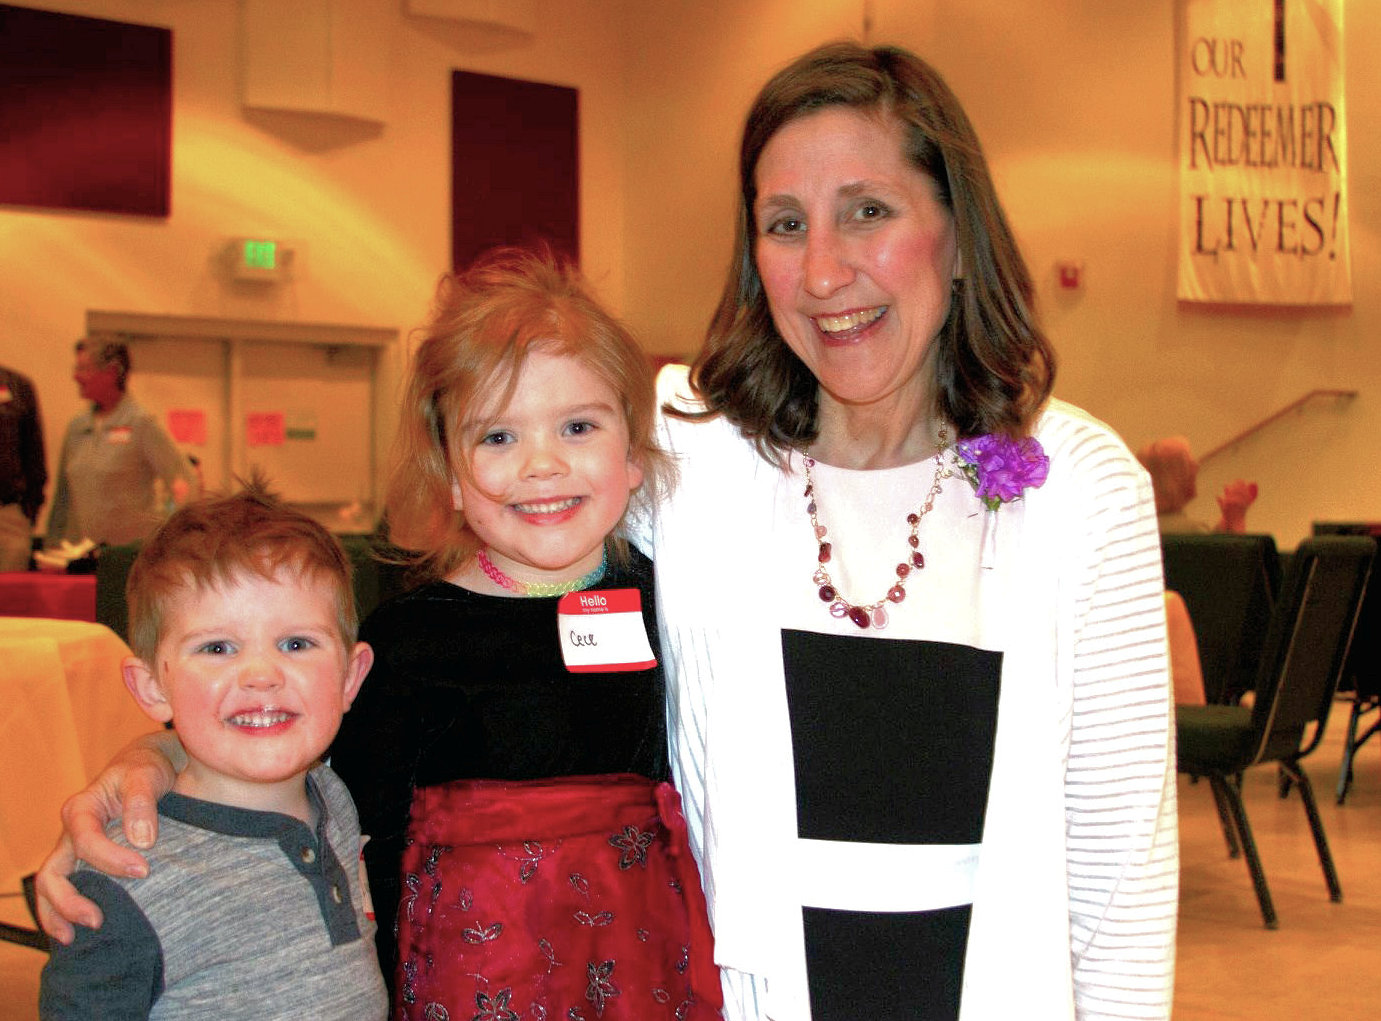 Anita Hahn with two children